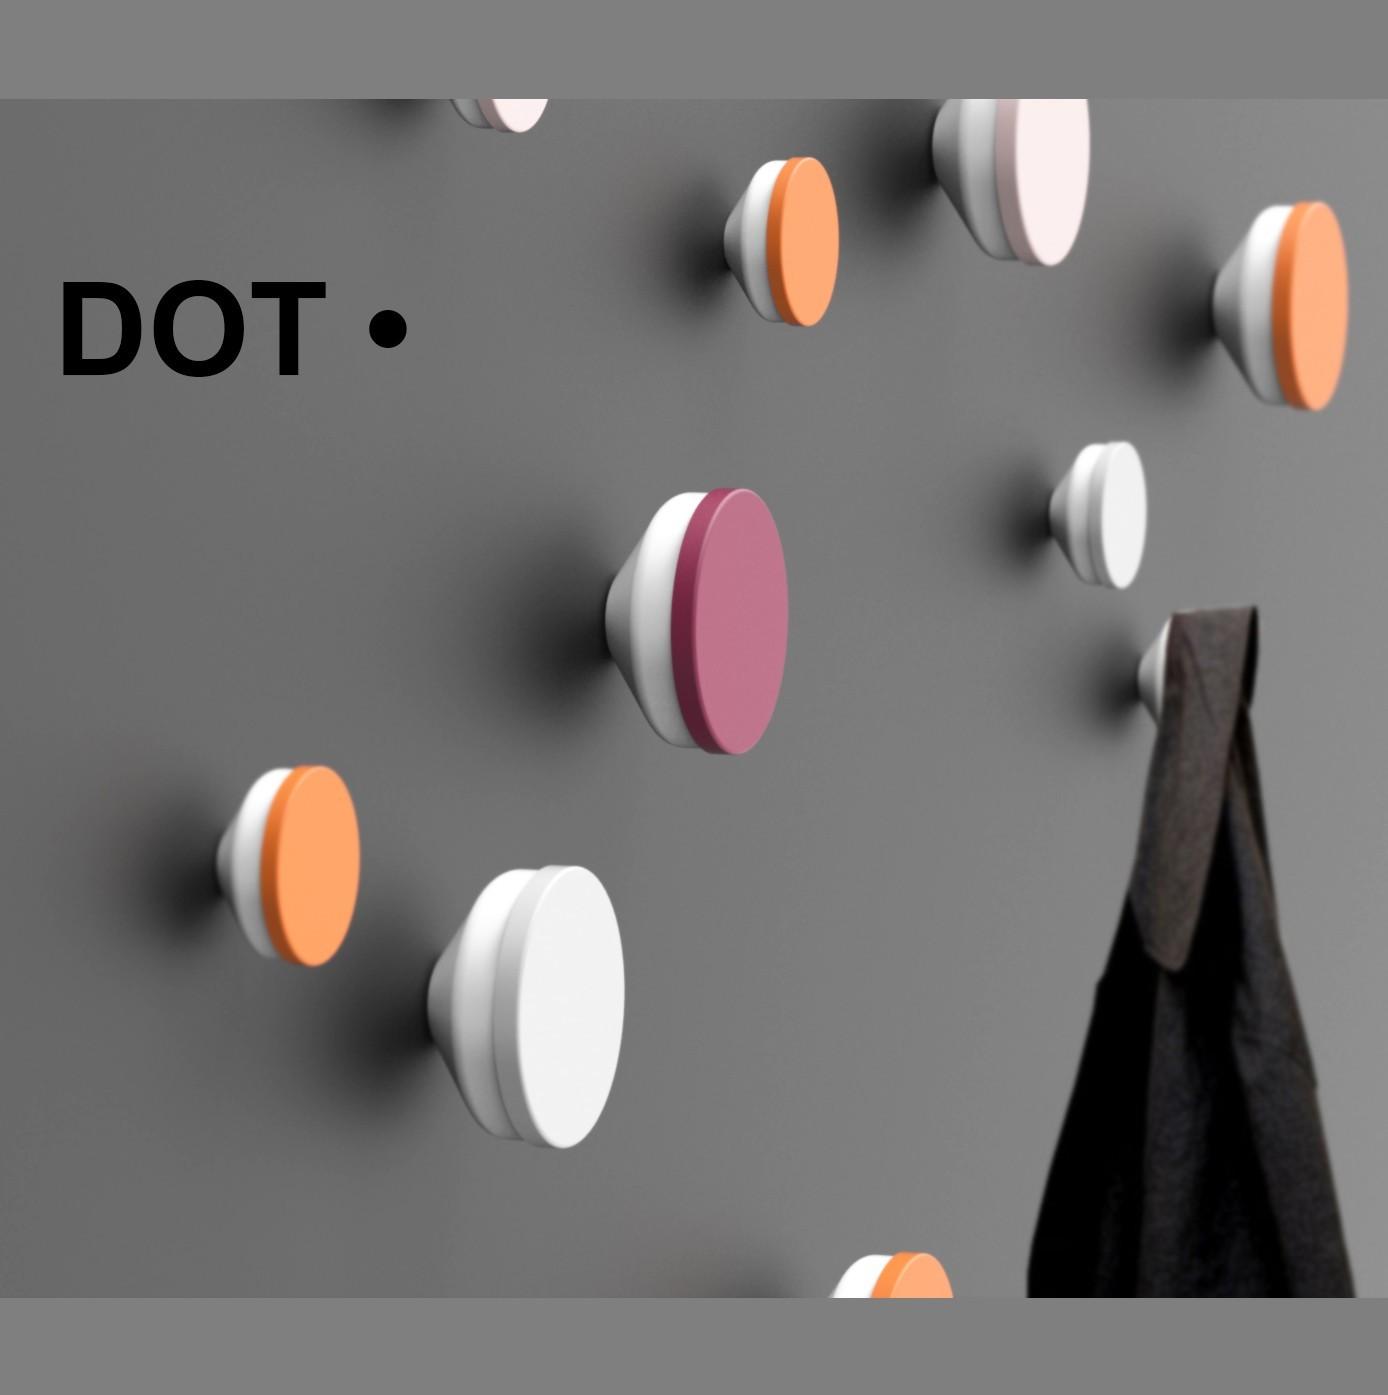 patères.dot.jpg Télécharger fichier STL gratuit DOT • • Plan à imprimer en 3D, Mouche